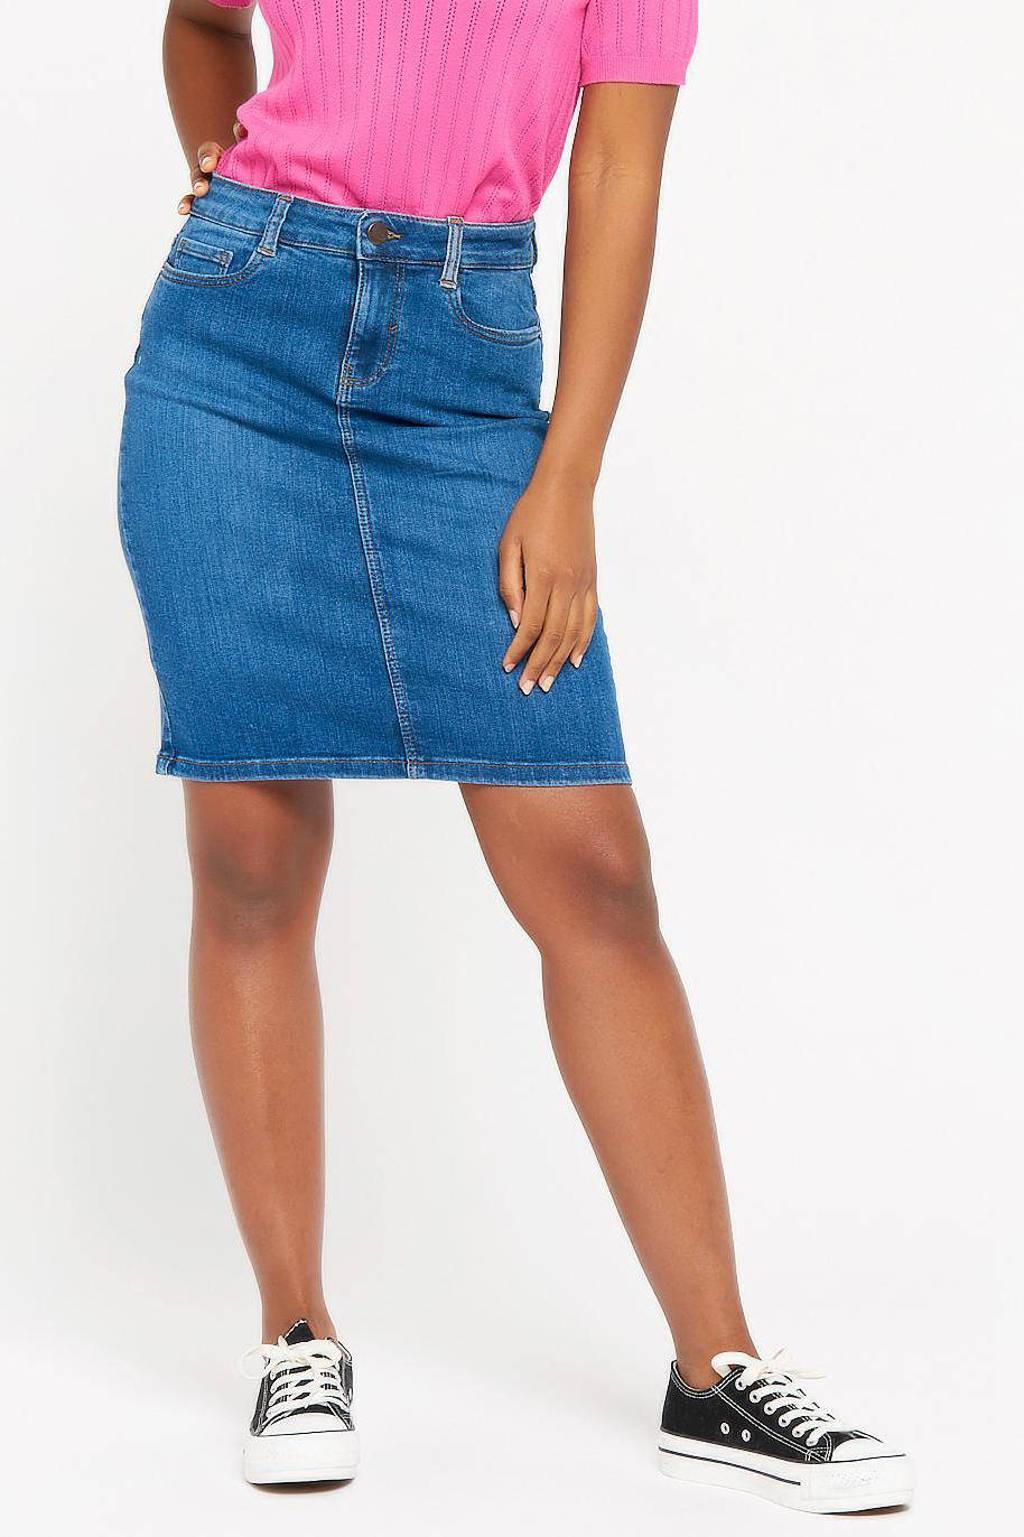 LOLALIZA spijkerrok, Lichtblauw